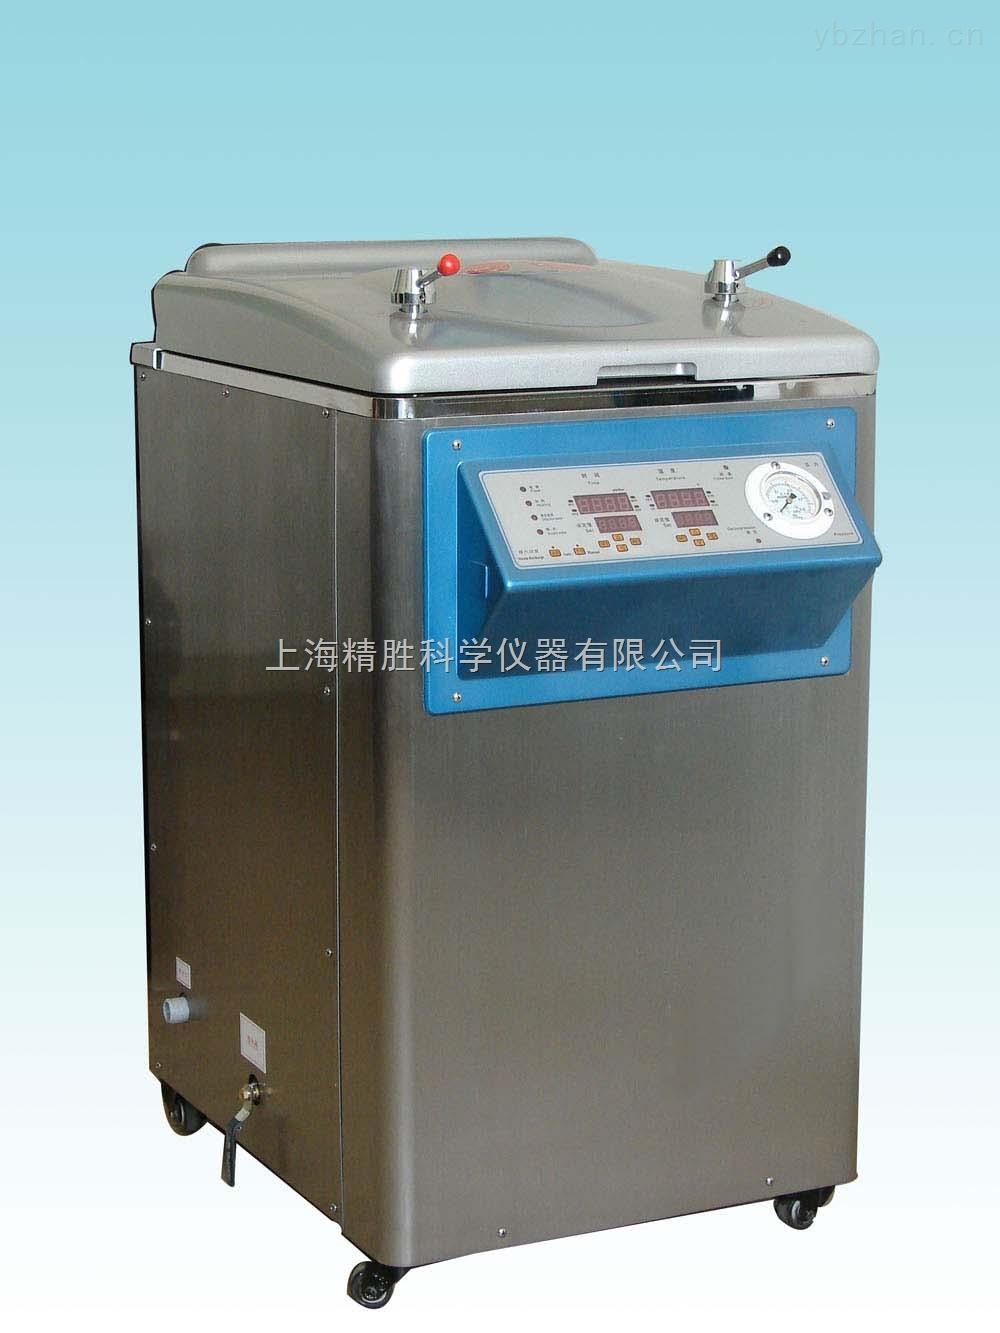 YM30Z/YM50Z/YM75-立式壓力蒸汽滅菌器(智能控制型)